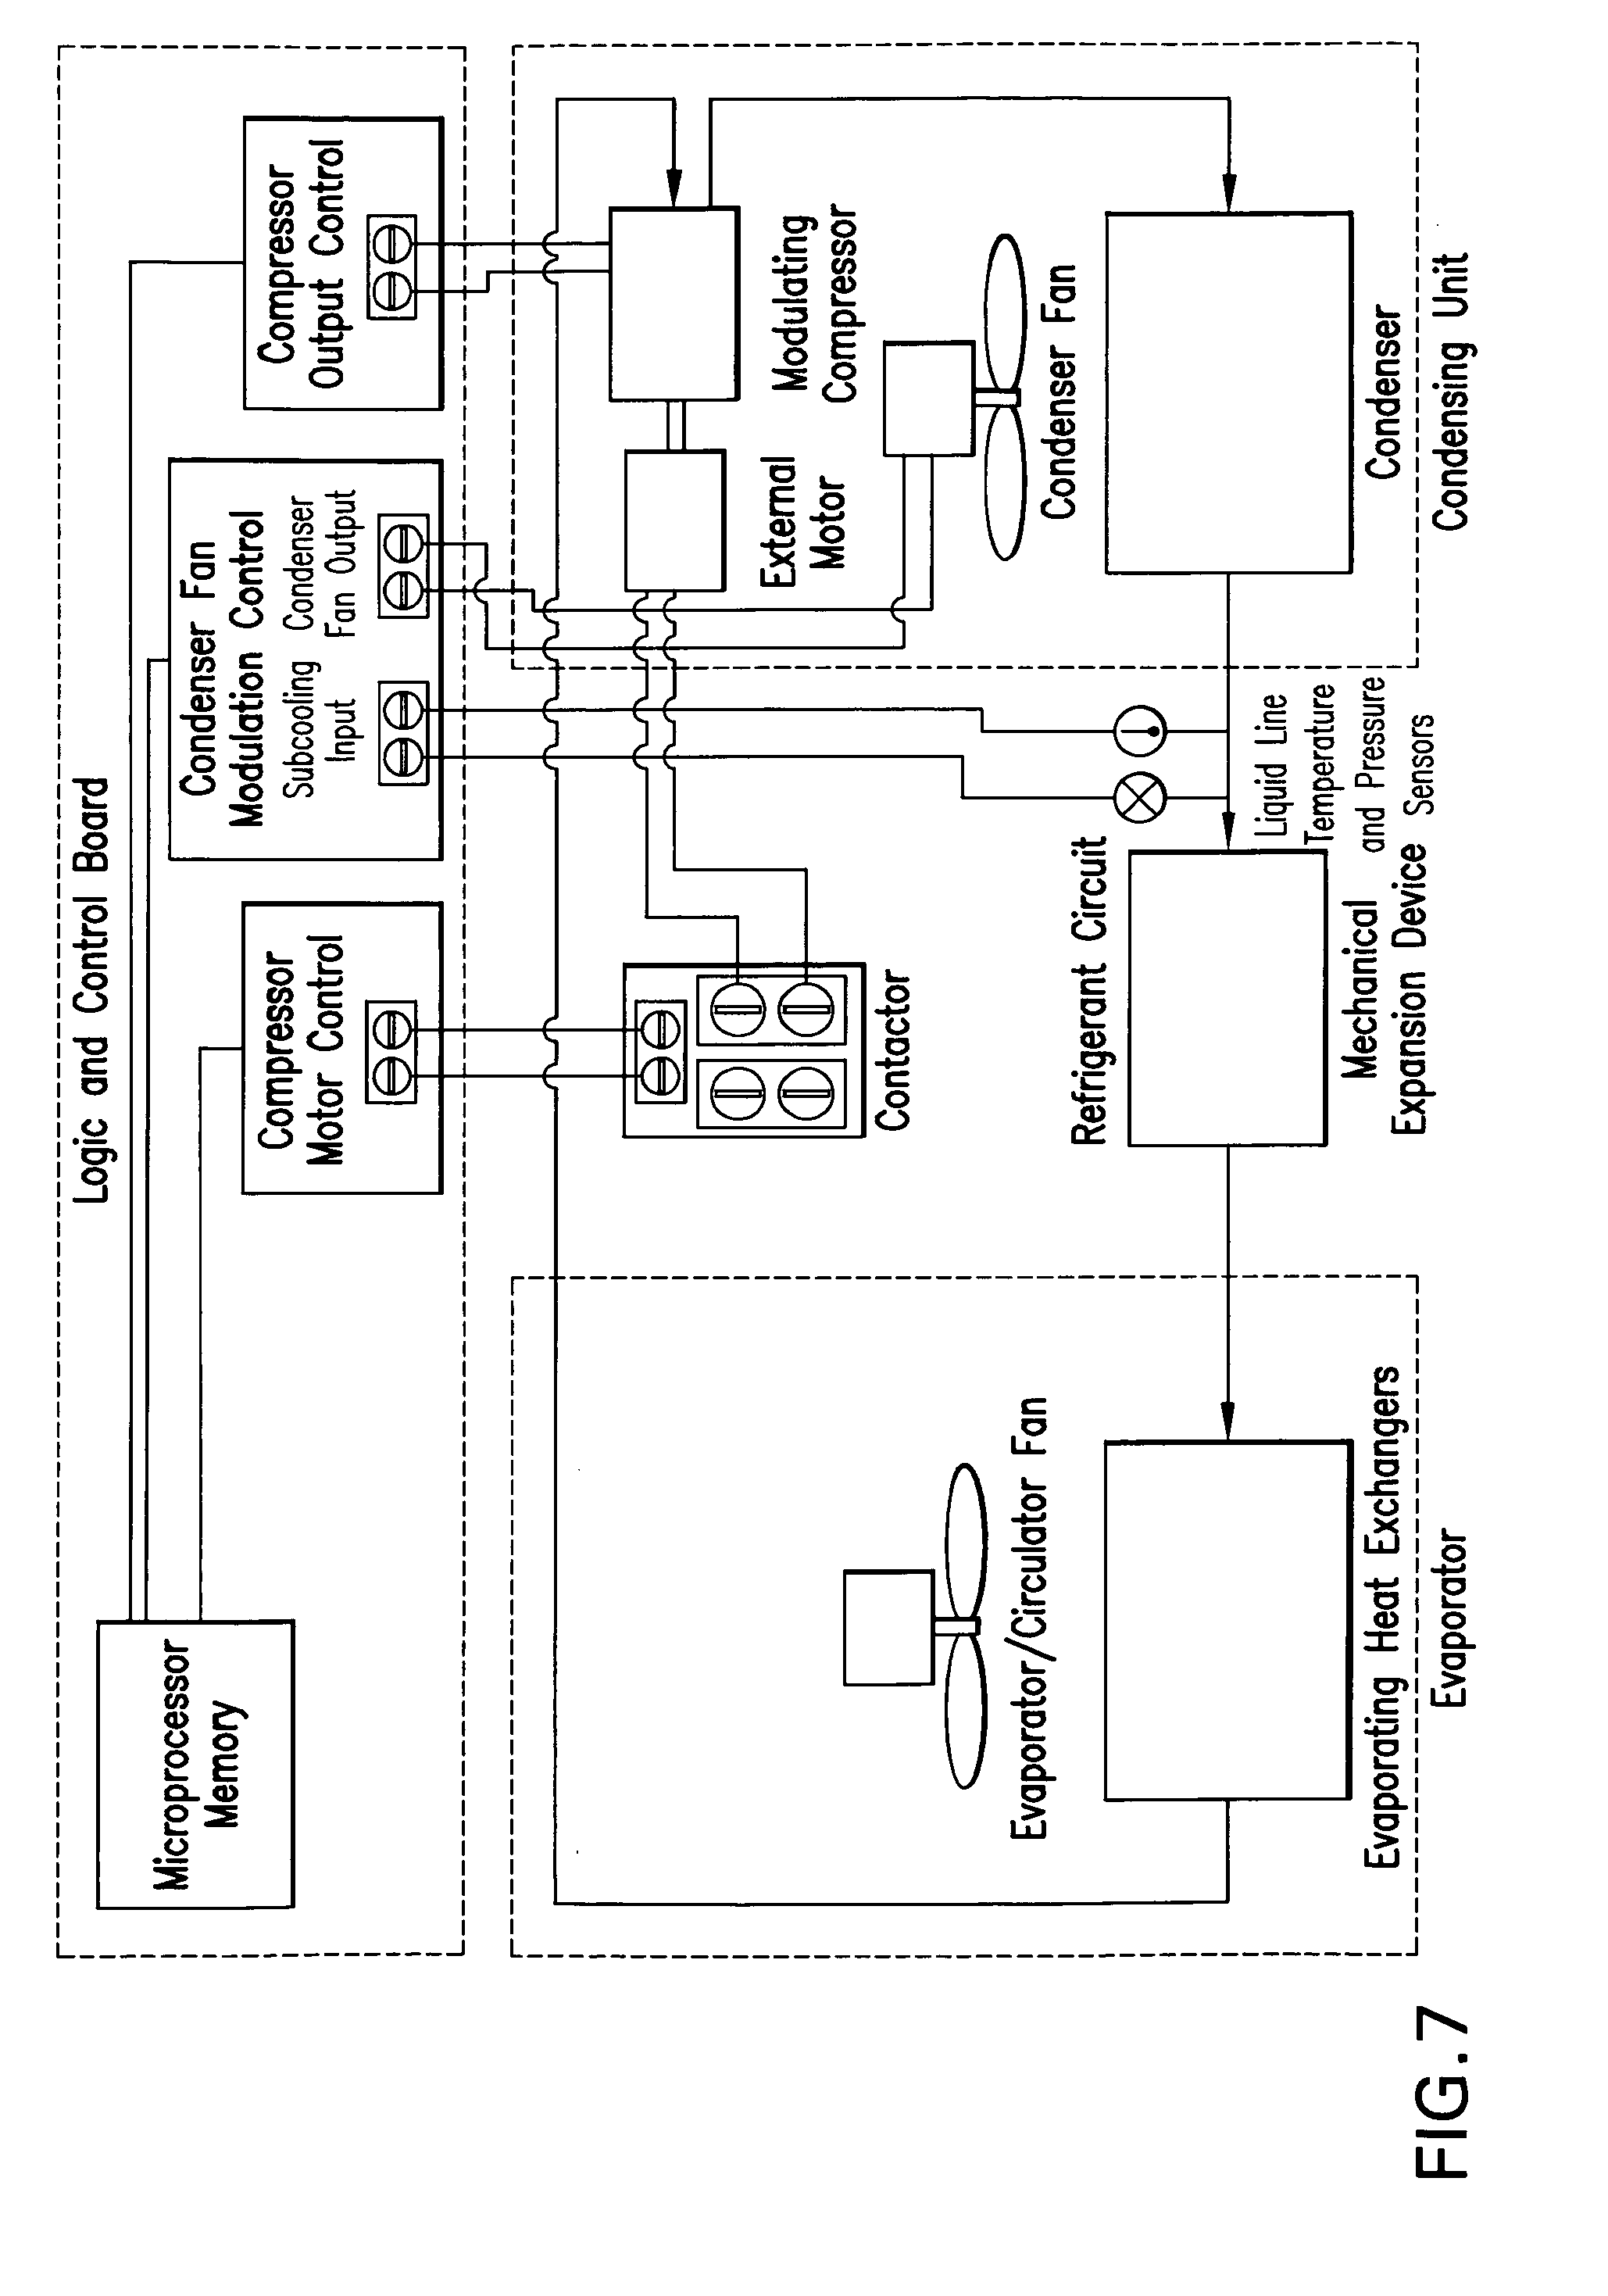 2008 r1 wire harness diagram